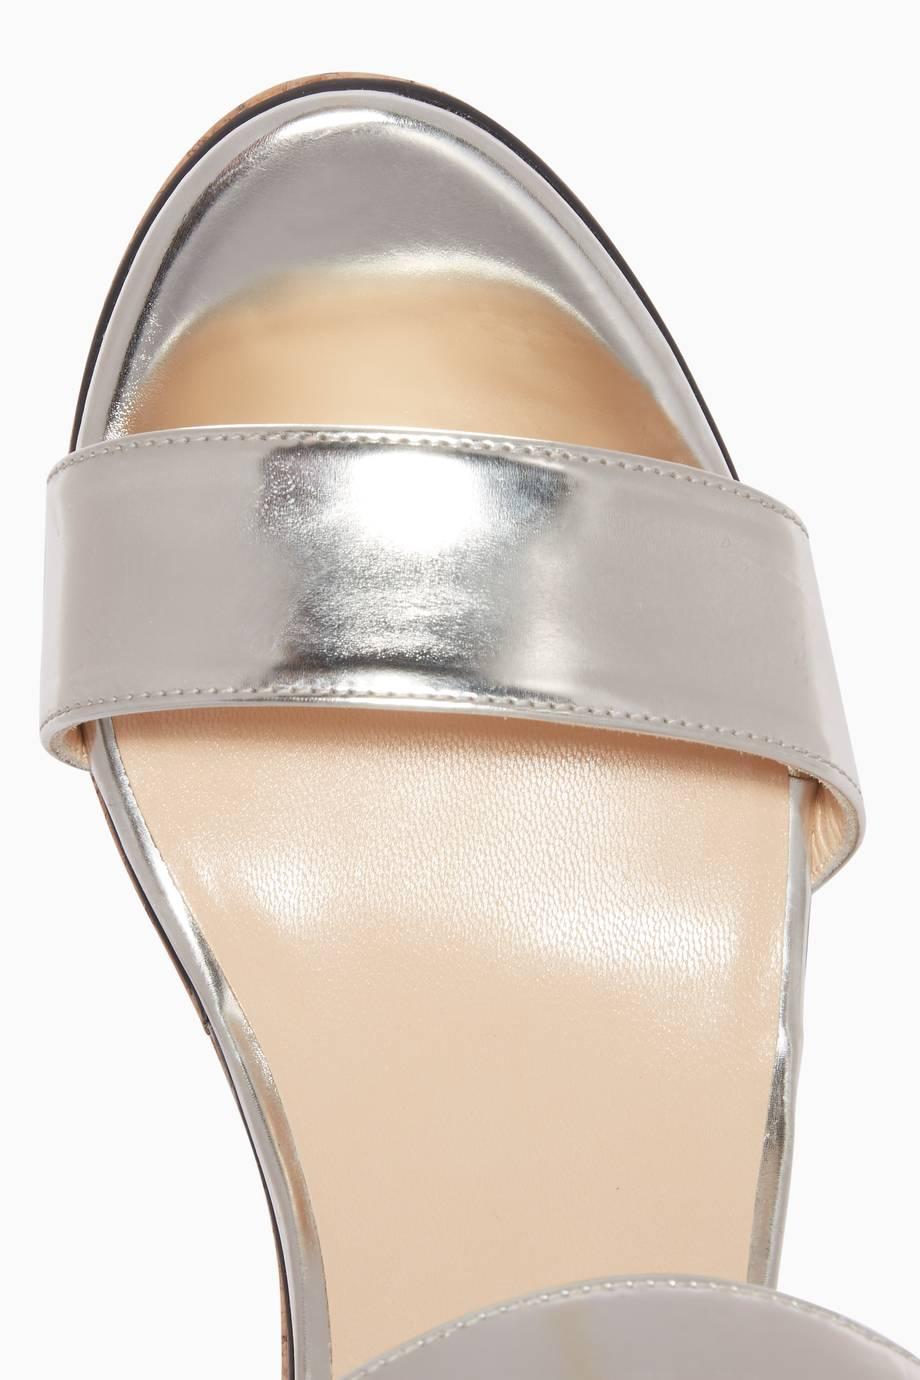 a42dbc3a3310 Shop Luxury Jimmy Choo Silver Nylah Crystal-Brooch Wedges